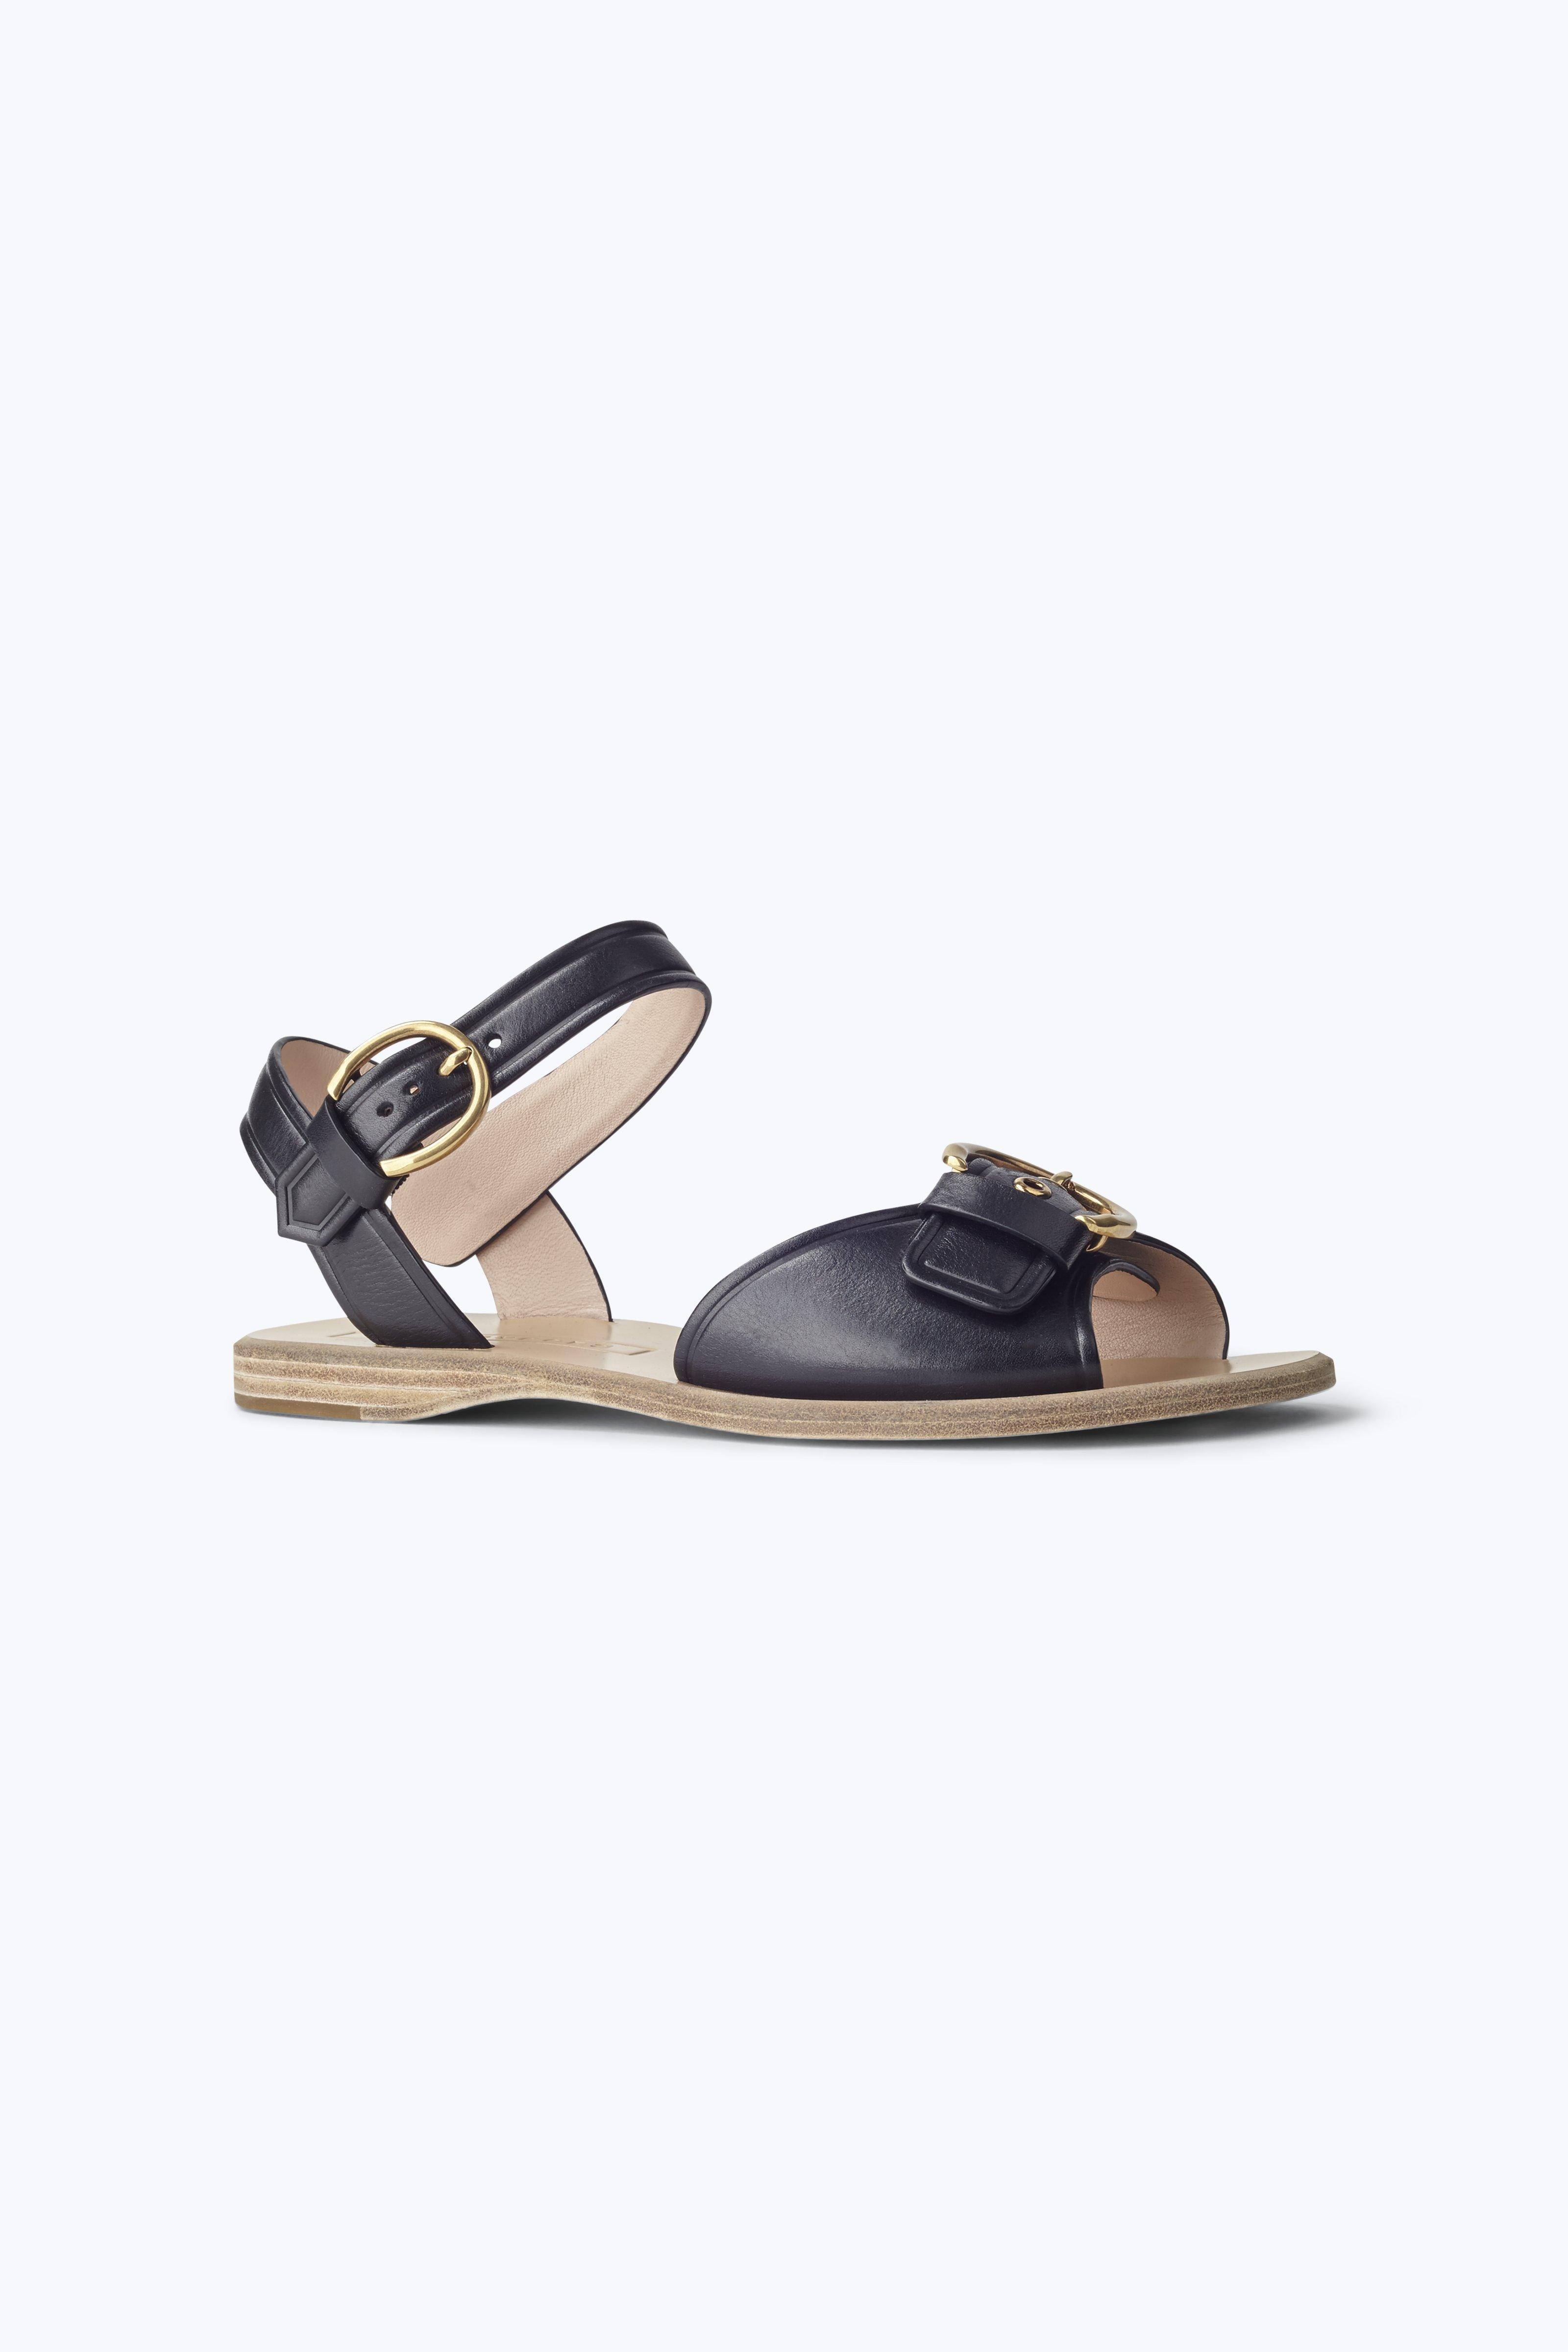 Lavender sandals shoes - Horizon Flat Sandal